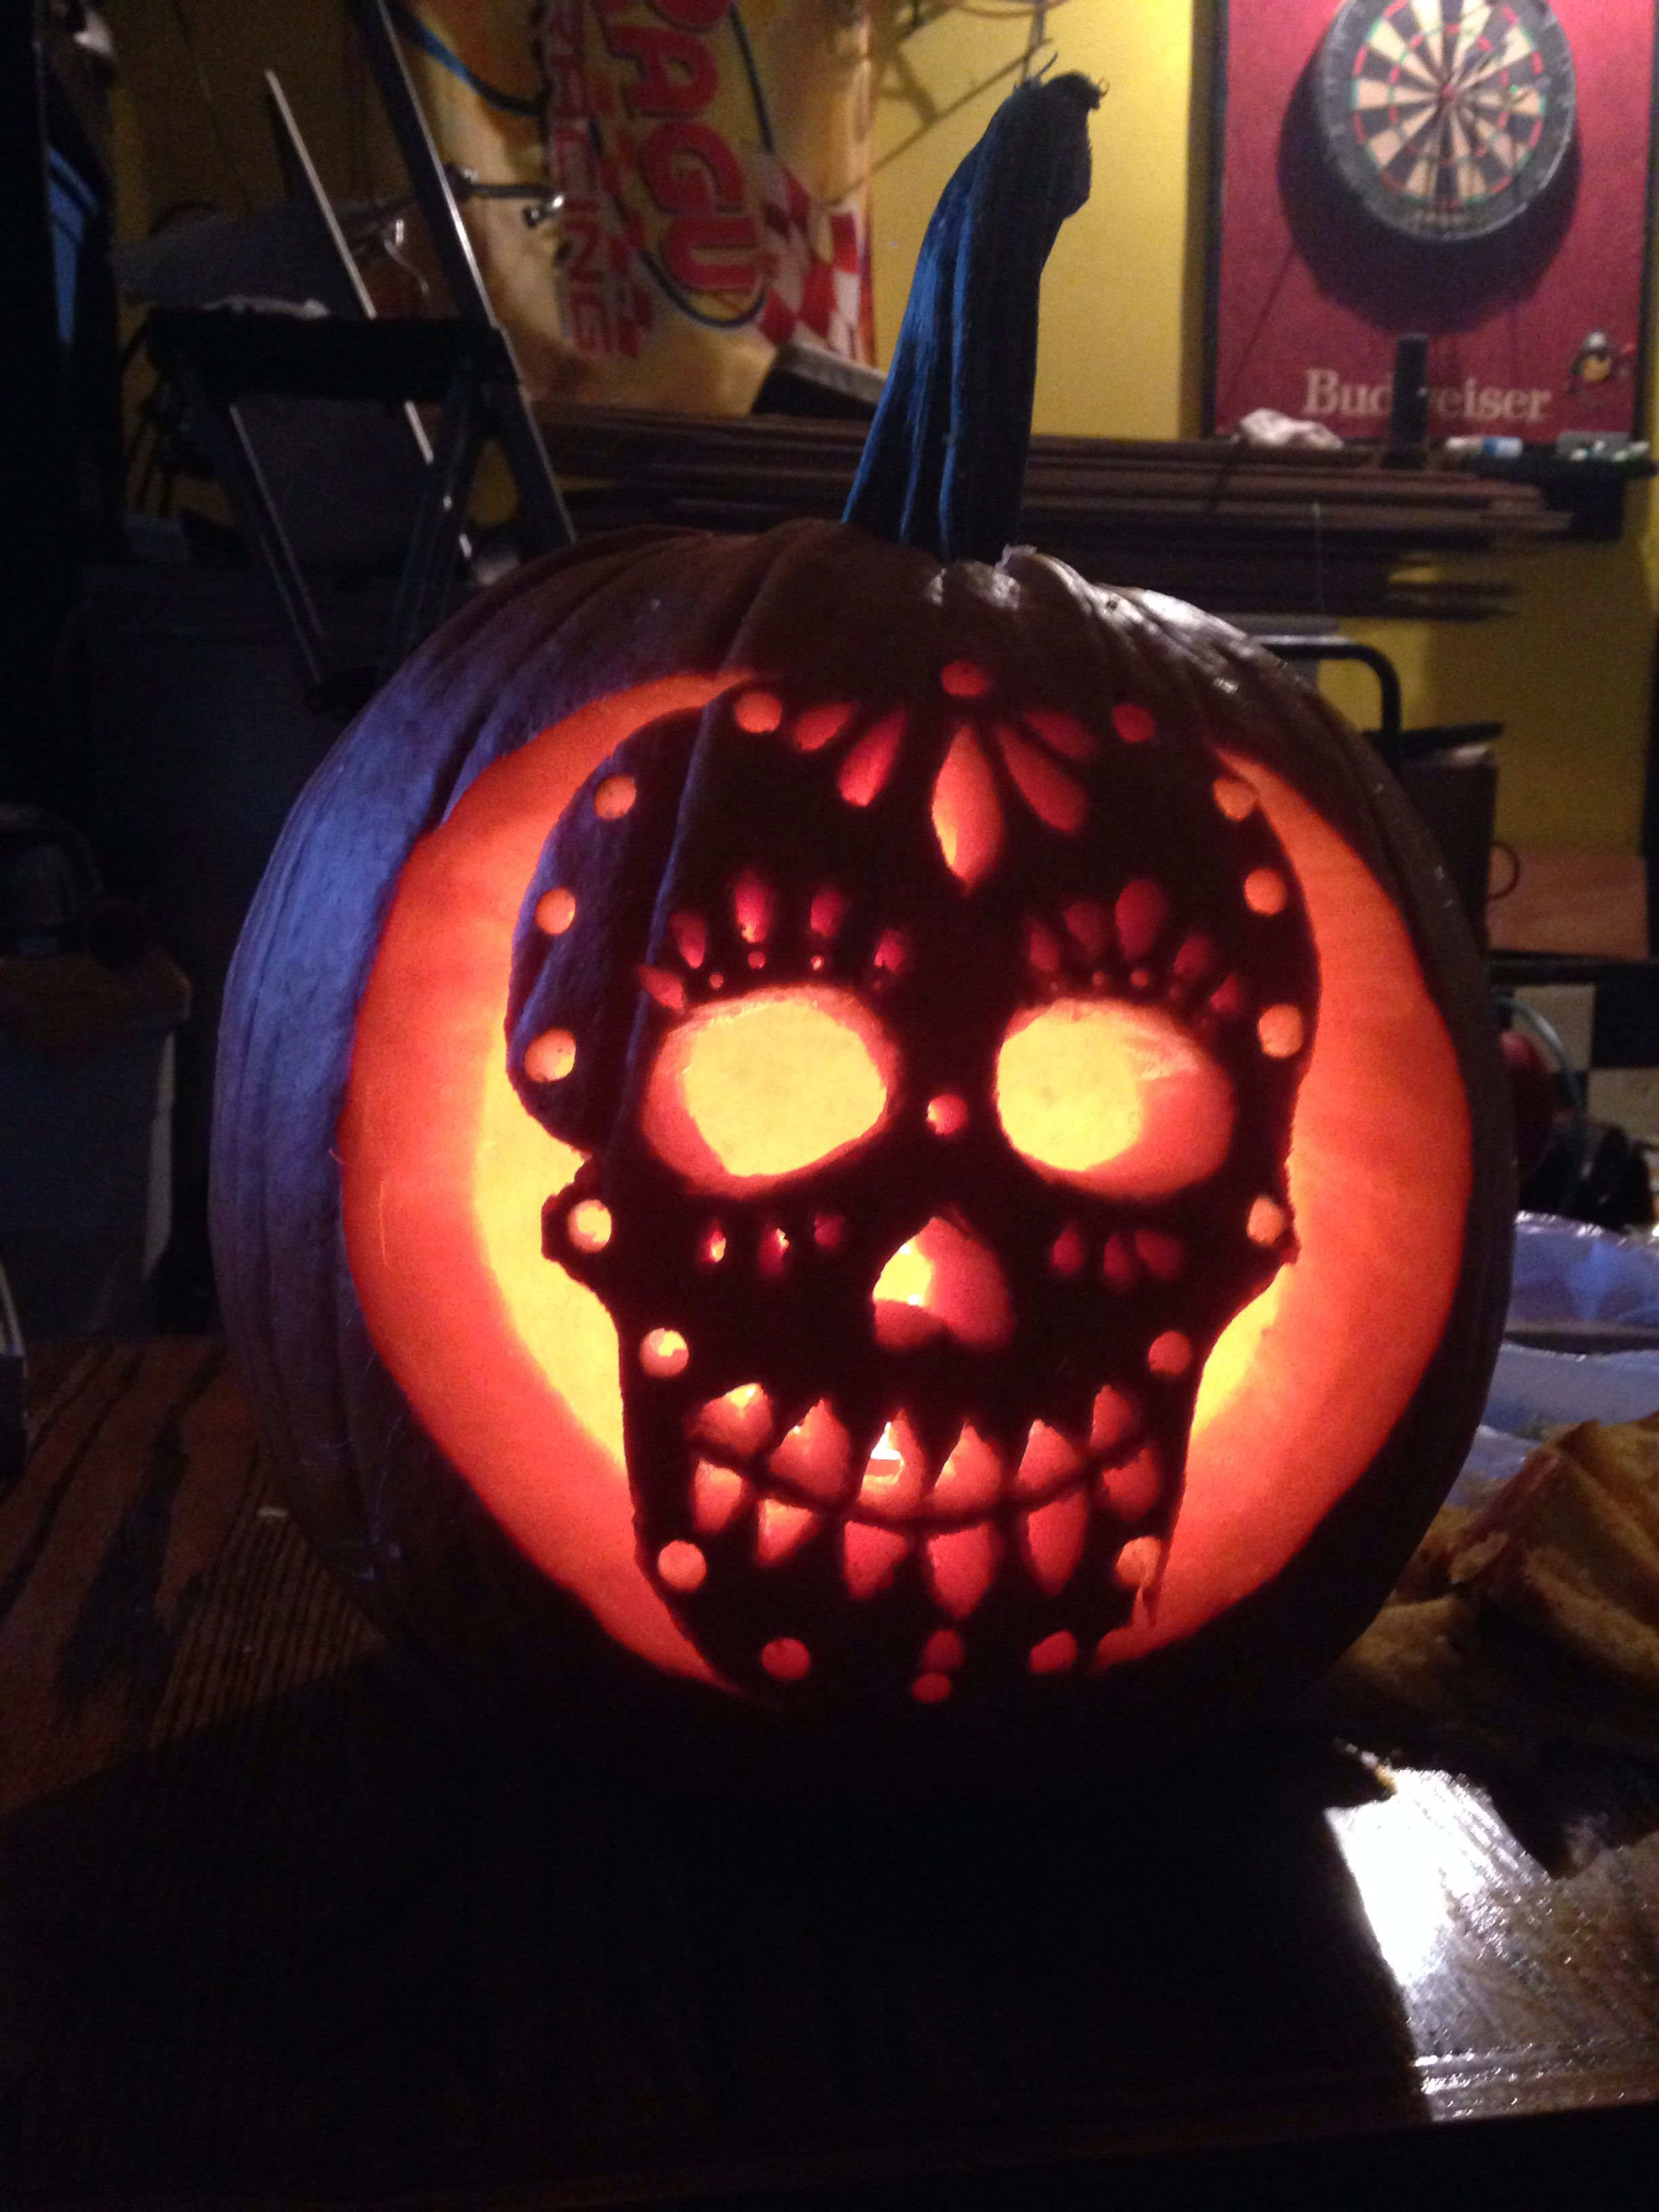 Boogeyman Nightmare Before Christmas Pumpkin Patterns | www ...